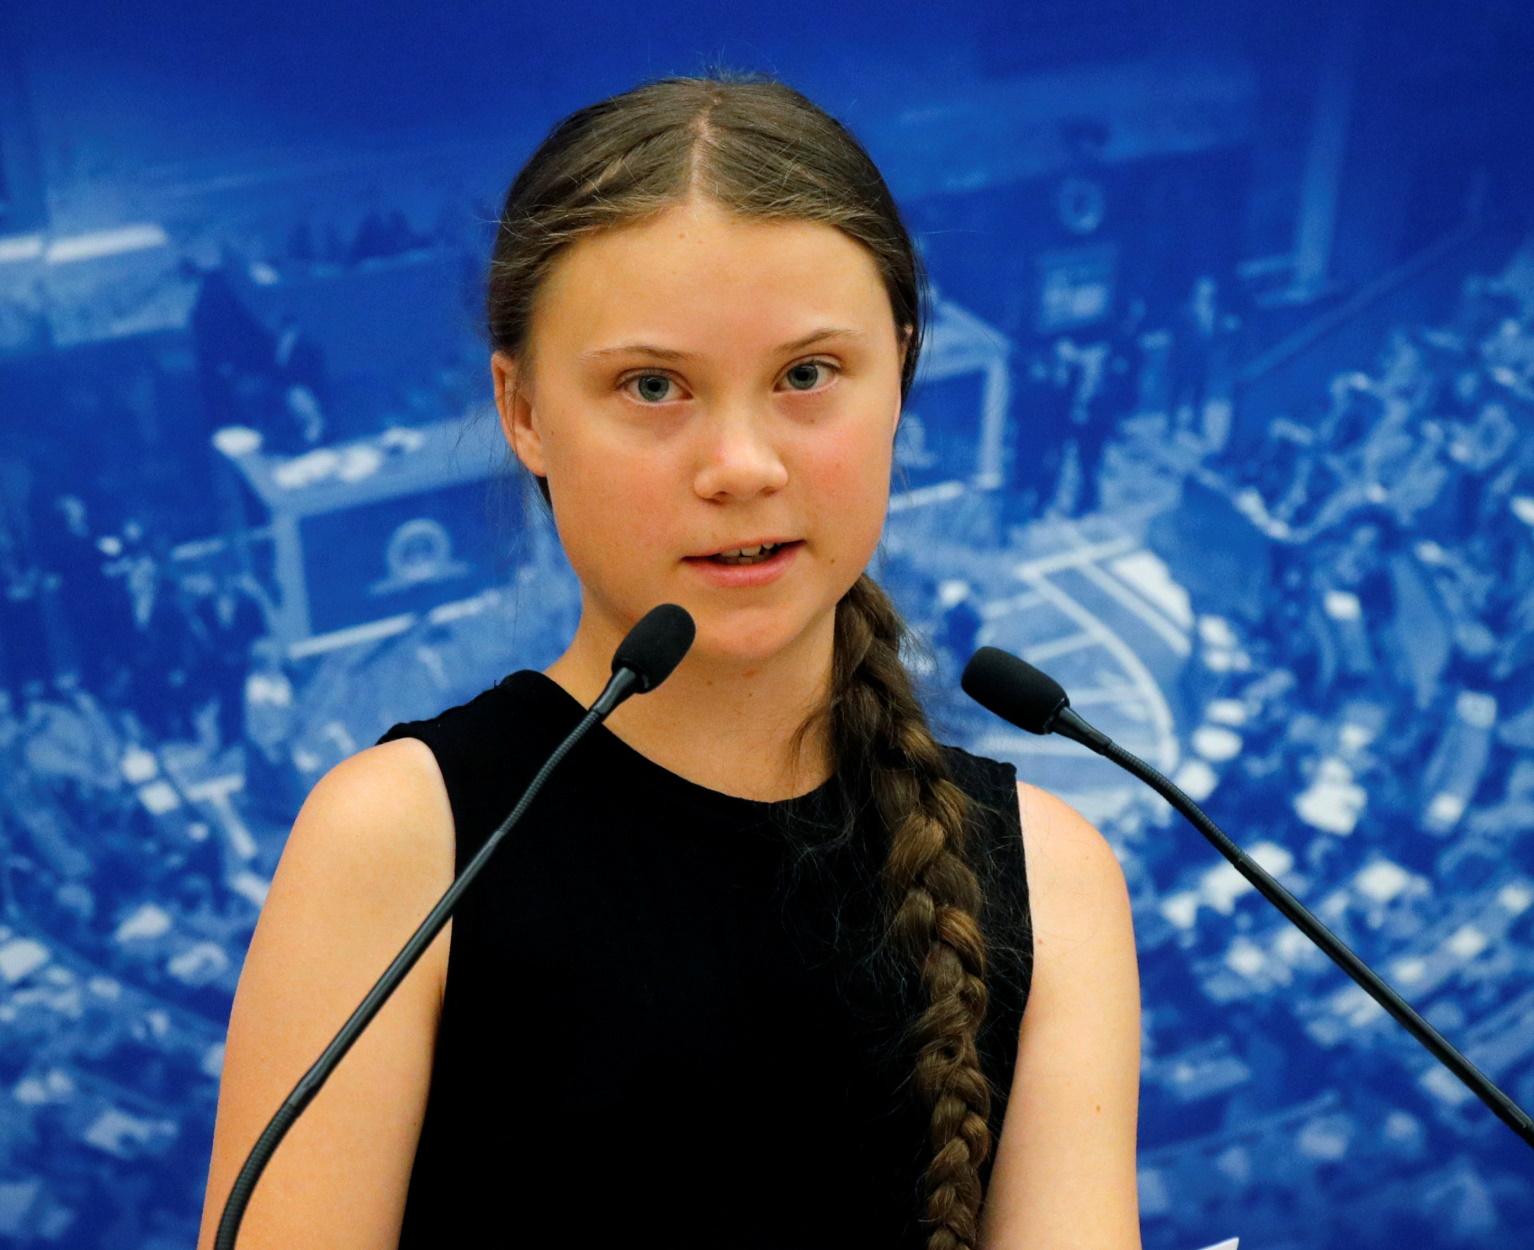 Γκρέτα Τούνμπεργκ: Δώρισε 100.000 δολάρια στη UNICEF